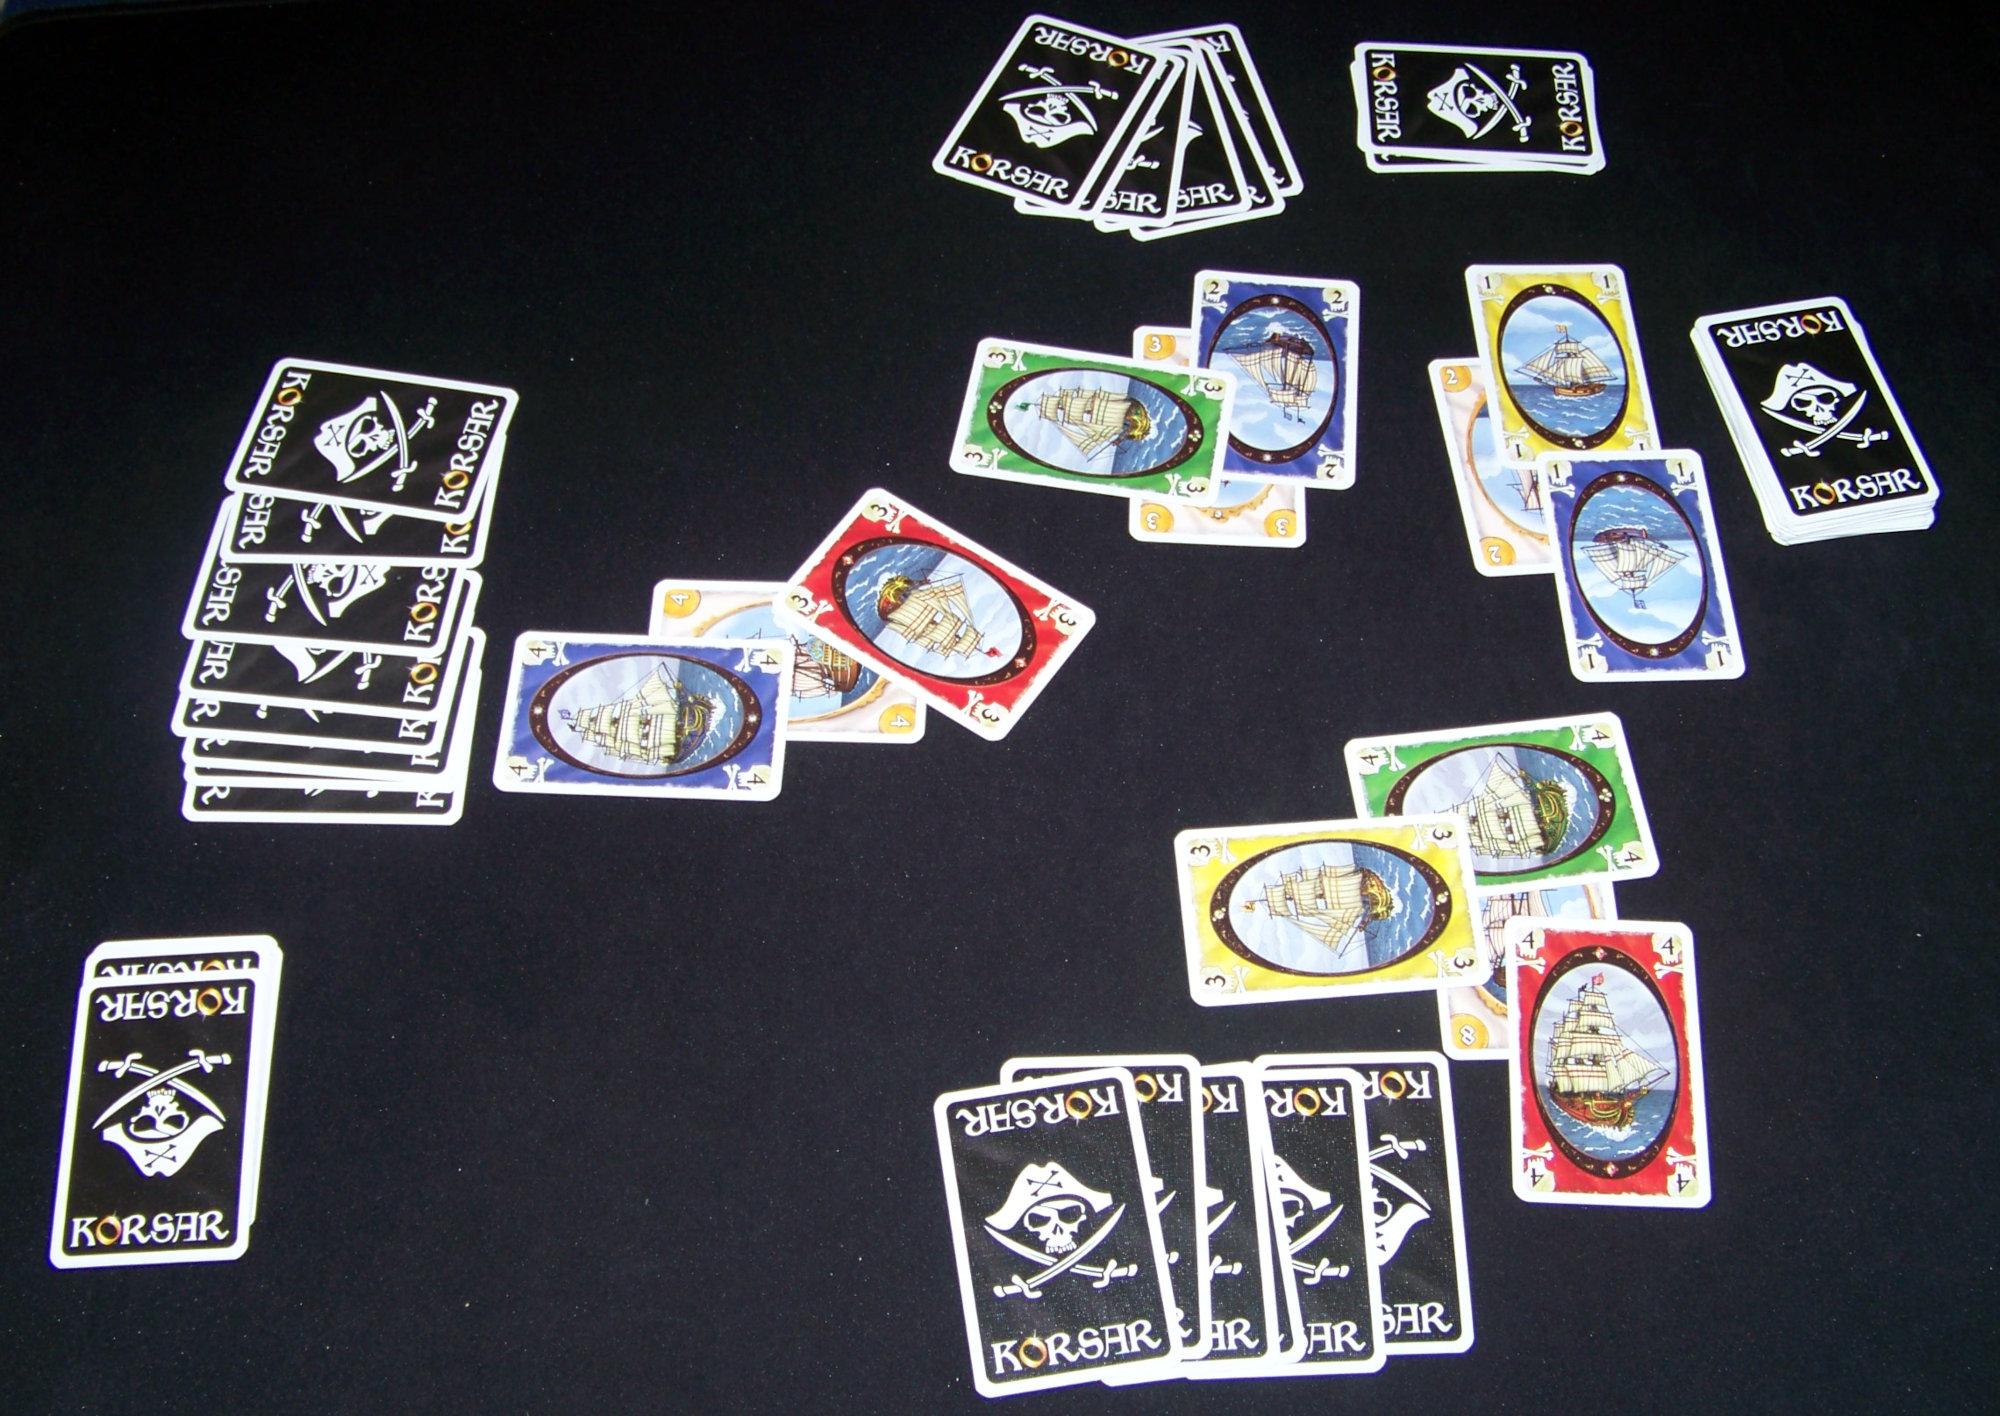 Juego de mesa Korsar - ejemplo de partida.